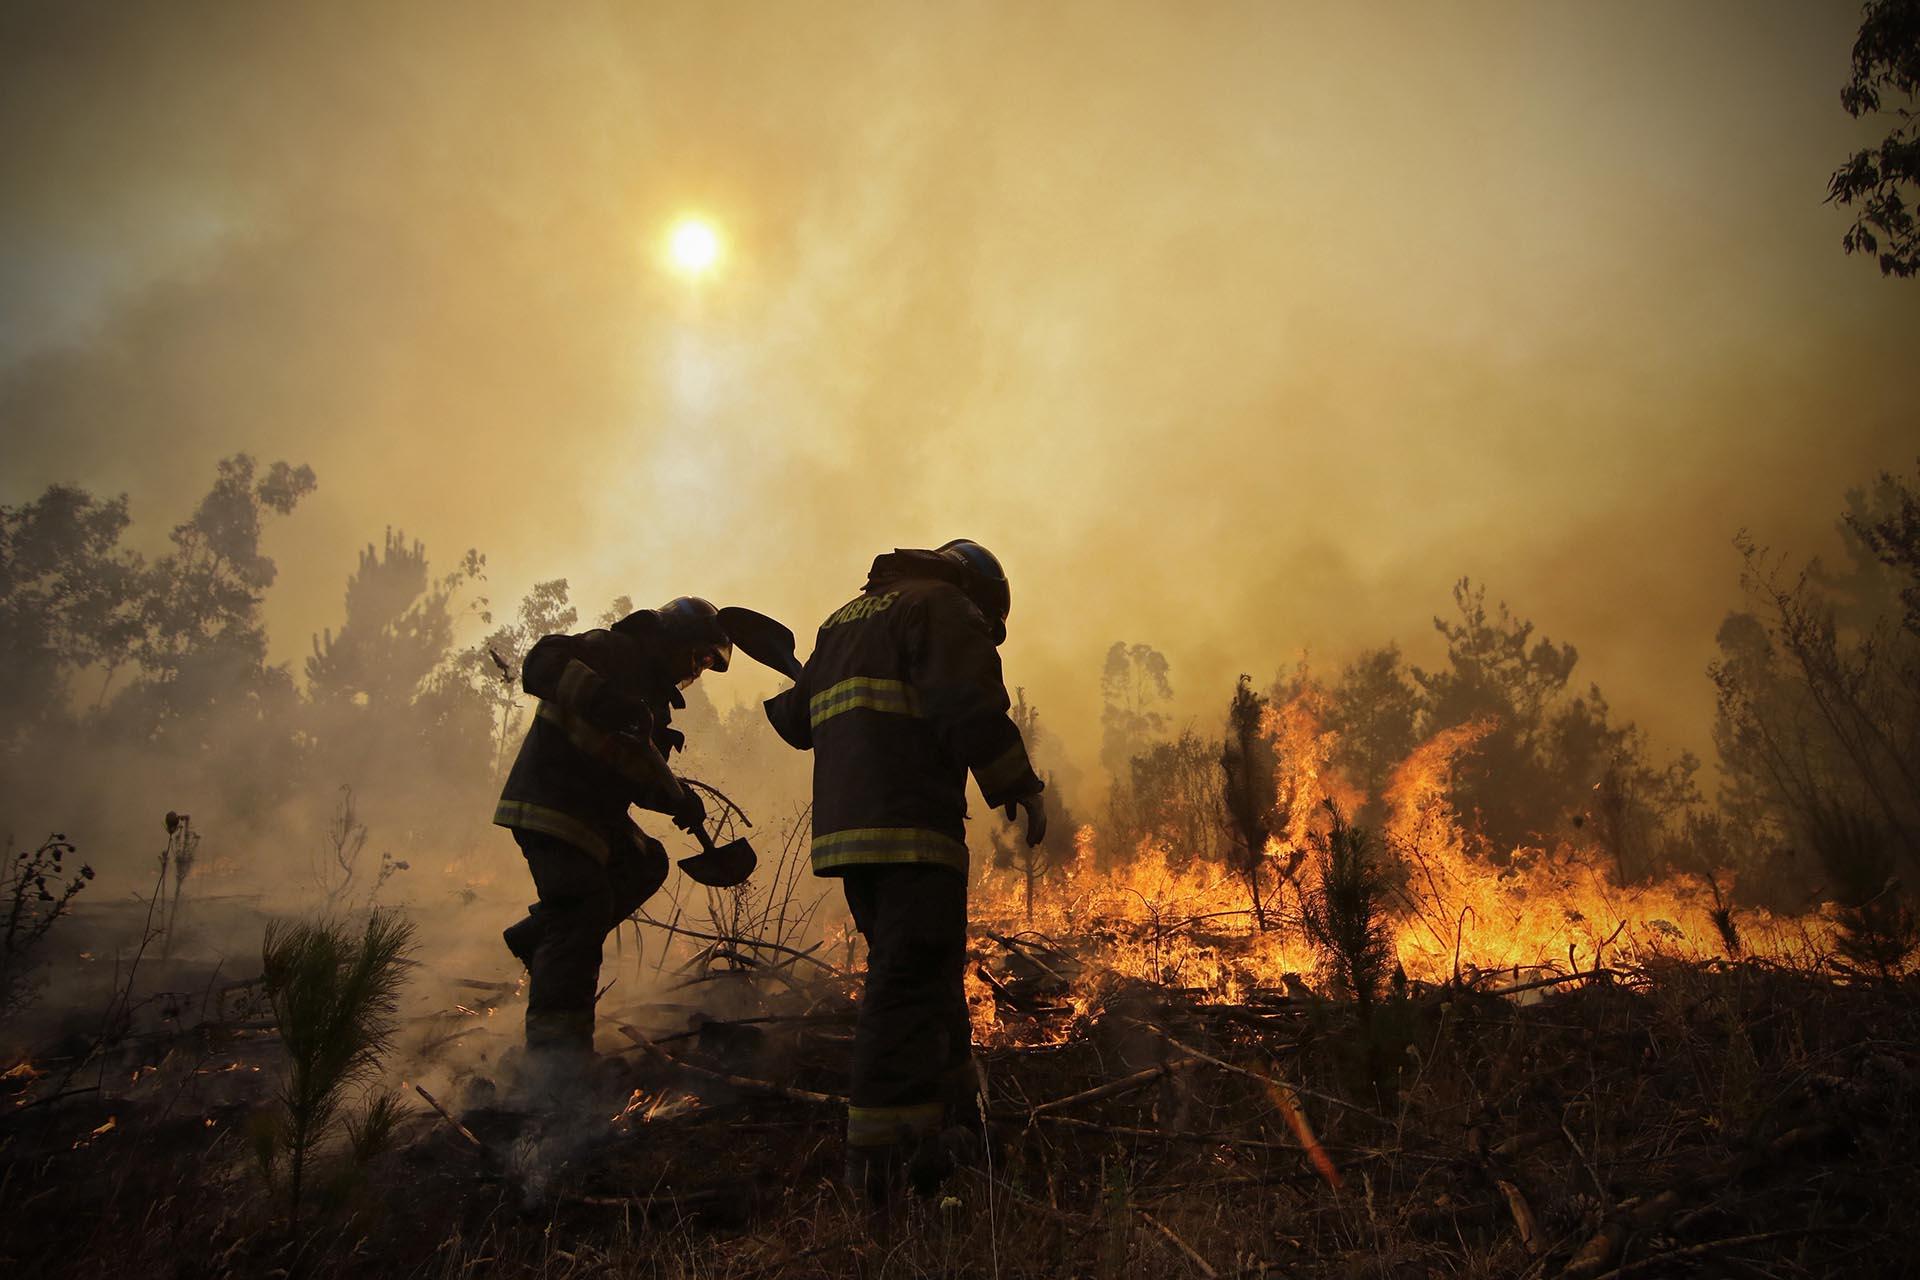 Un bombero perdió la vida este jueves a causa de los devastadores incendios que asolan el centro-sur de Chile, con lo que ya son diez los fallecidos en la mayor catástrofe forestal de la historia del país